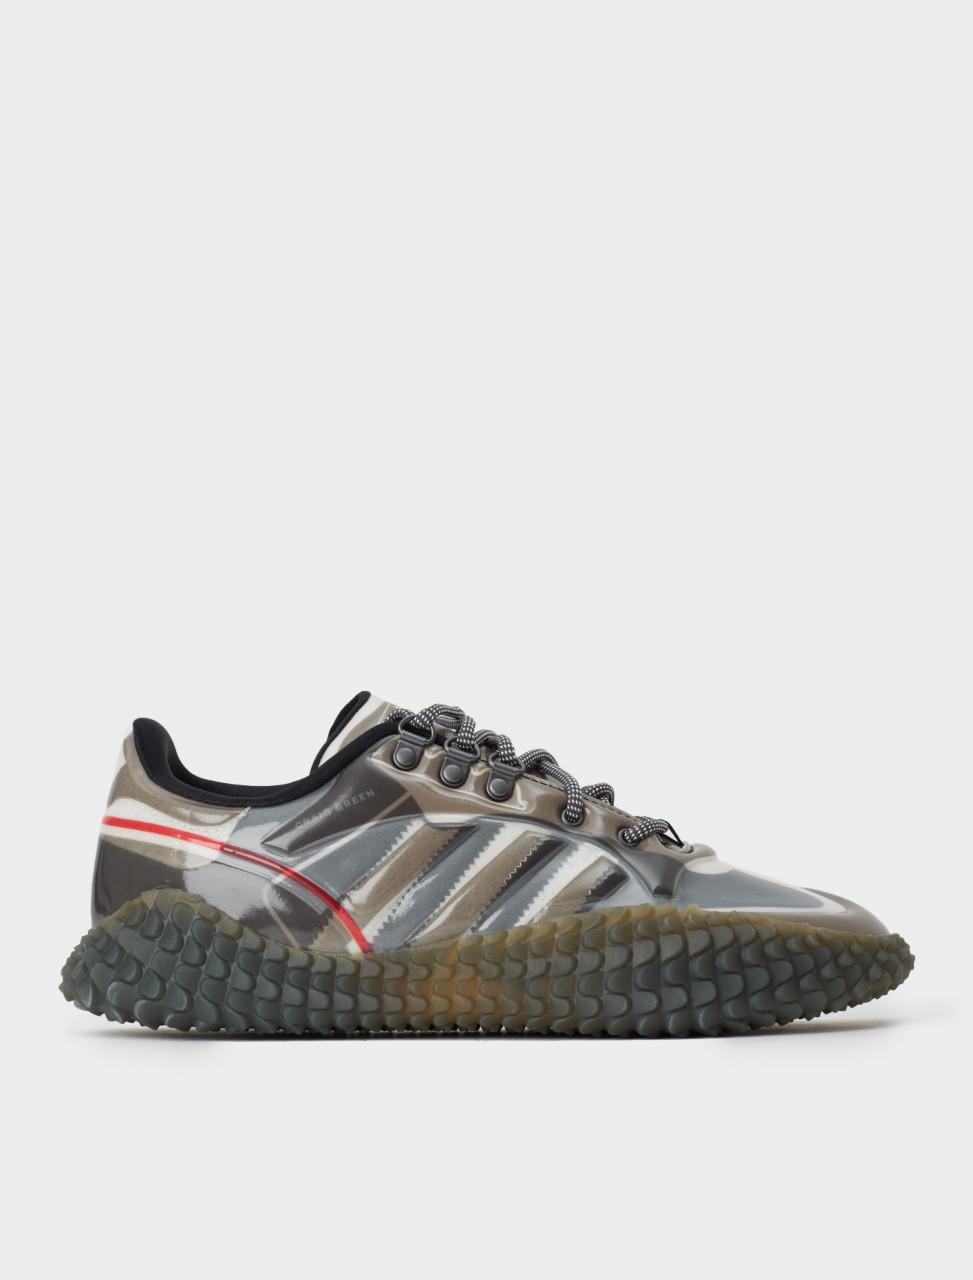 Adidas x Craig Green POLTA AKH I Sneaker in Black